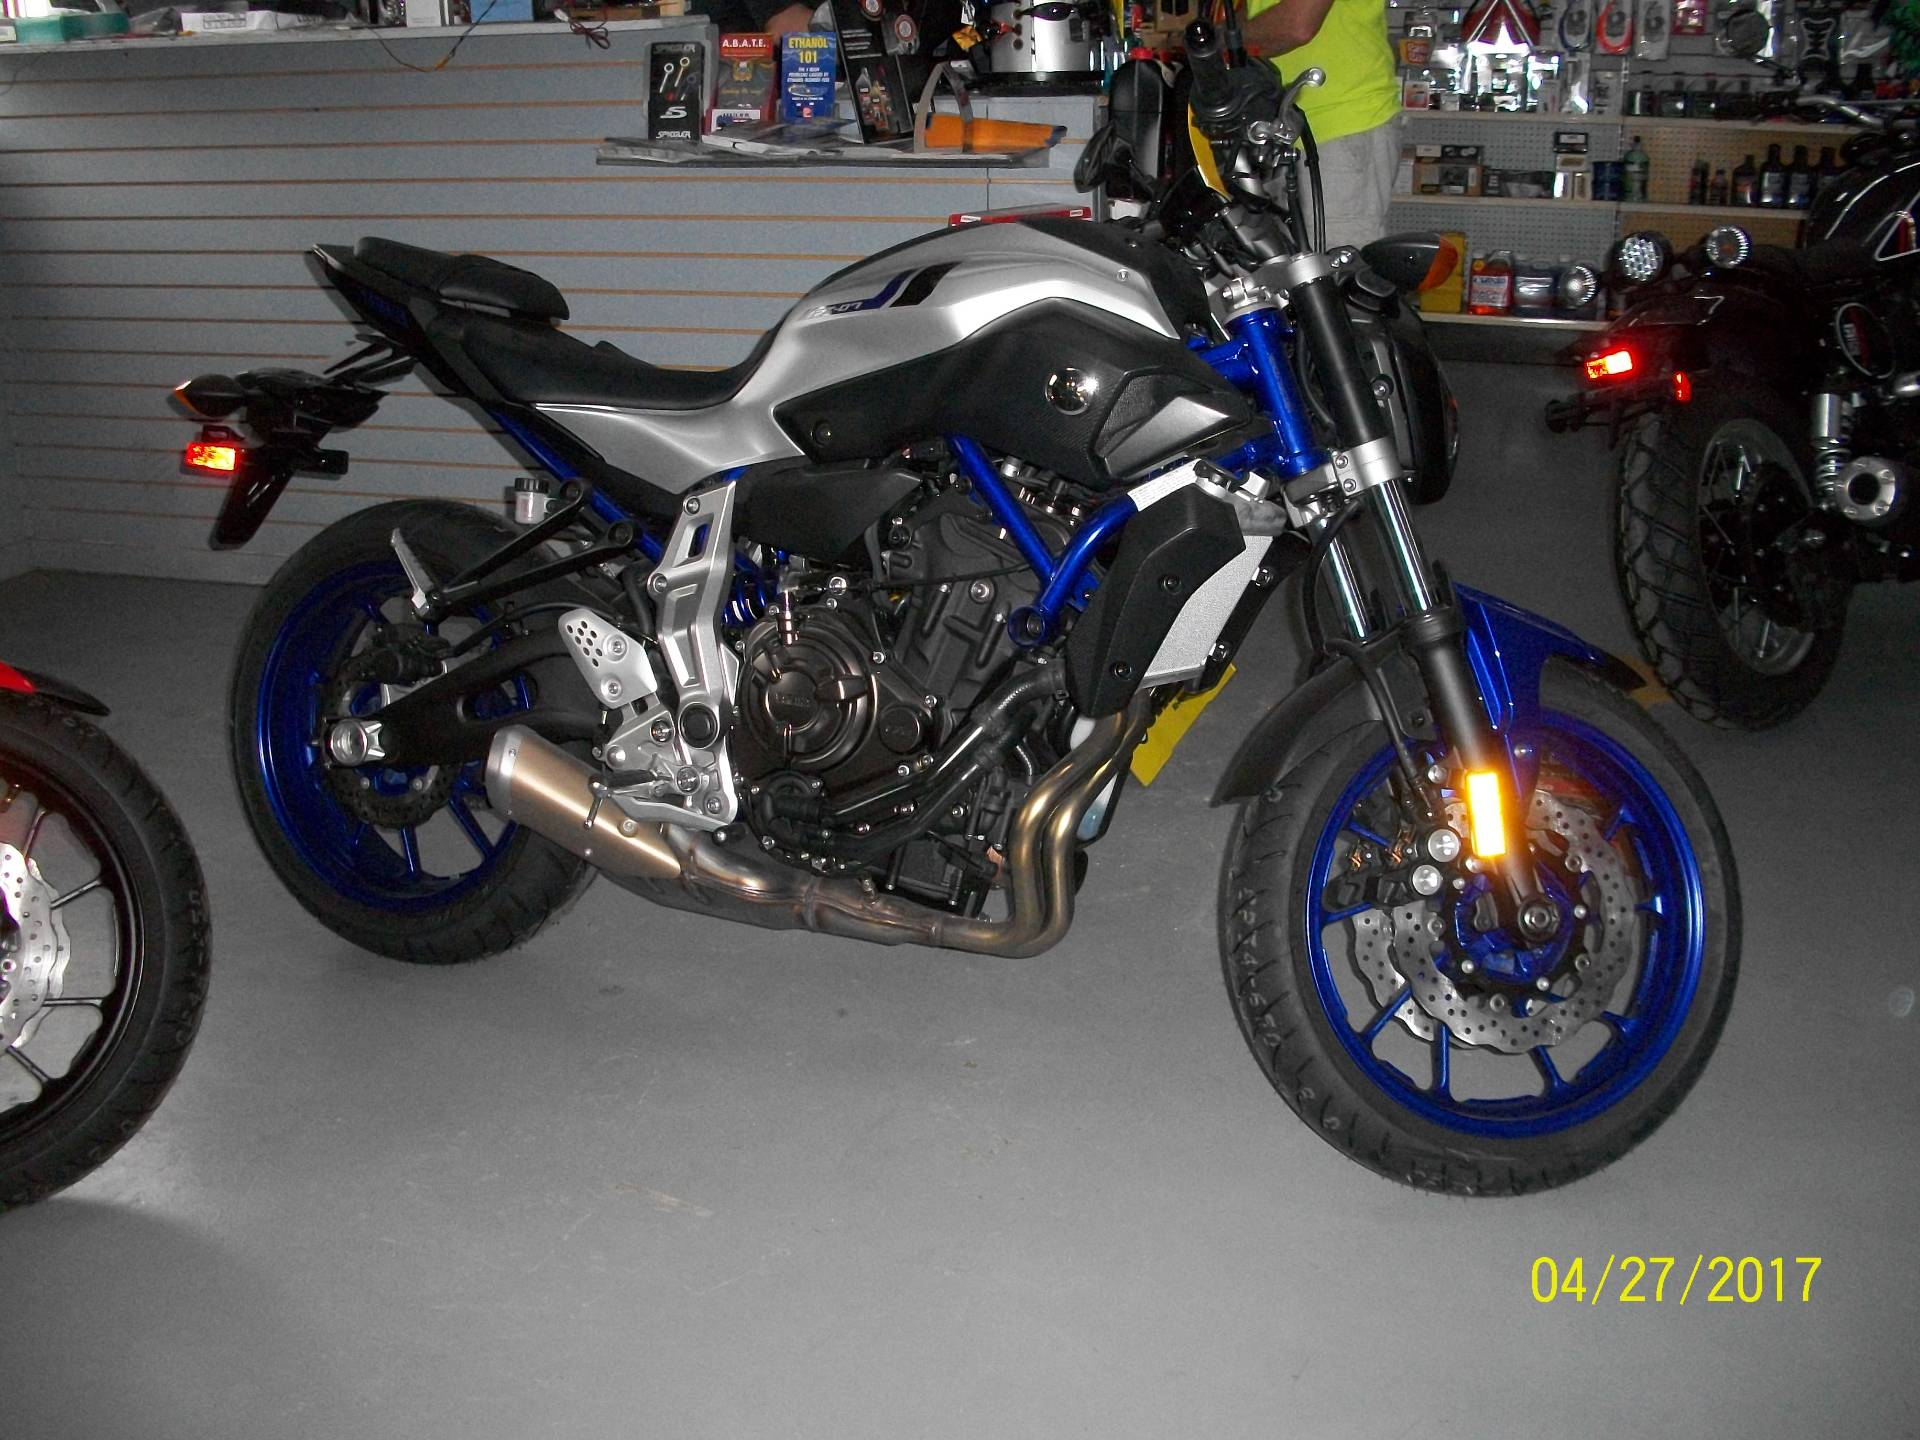 2016 Yamaha FZ-07 1